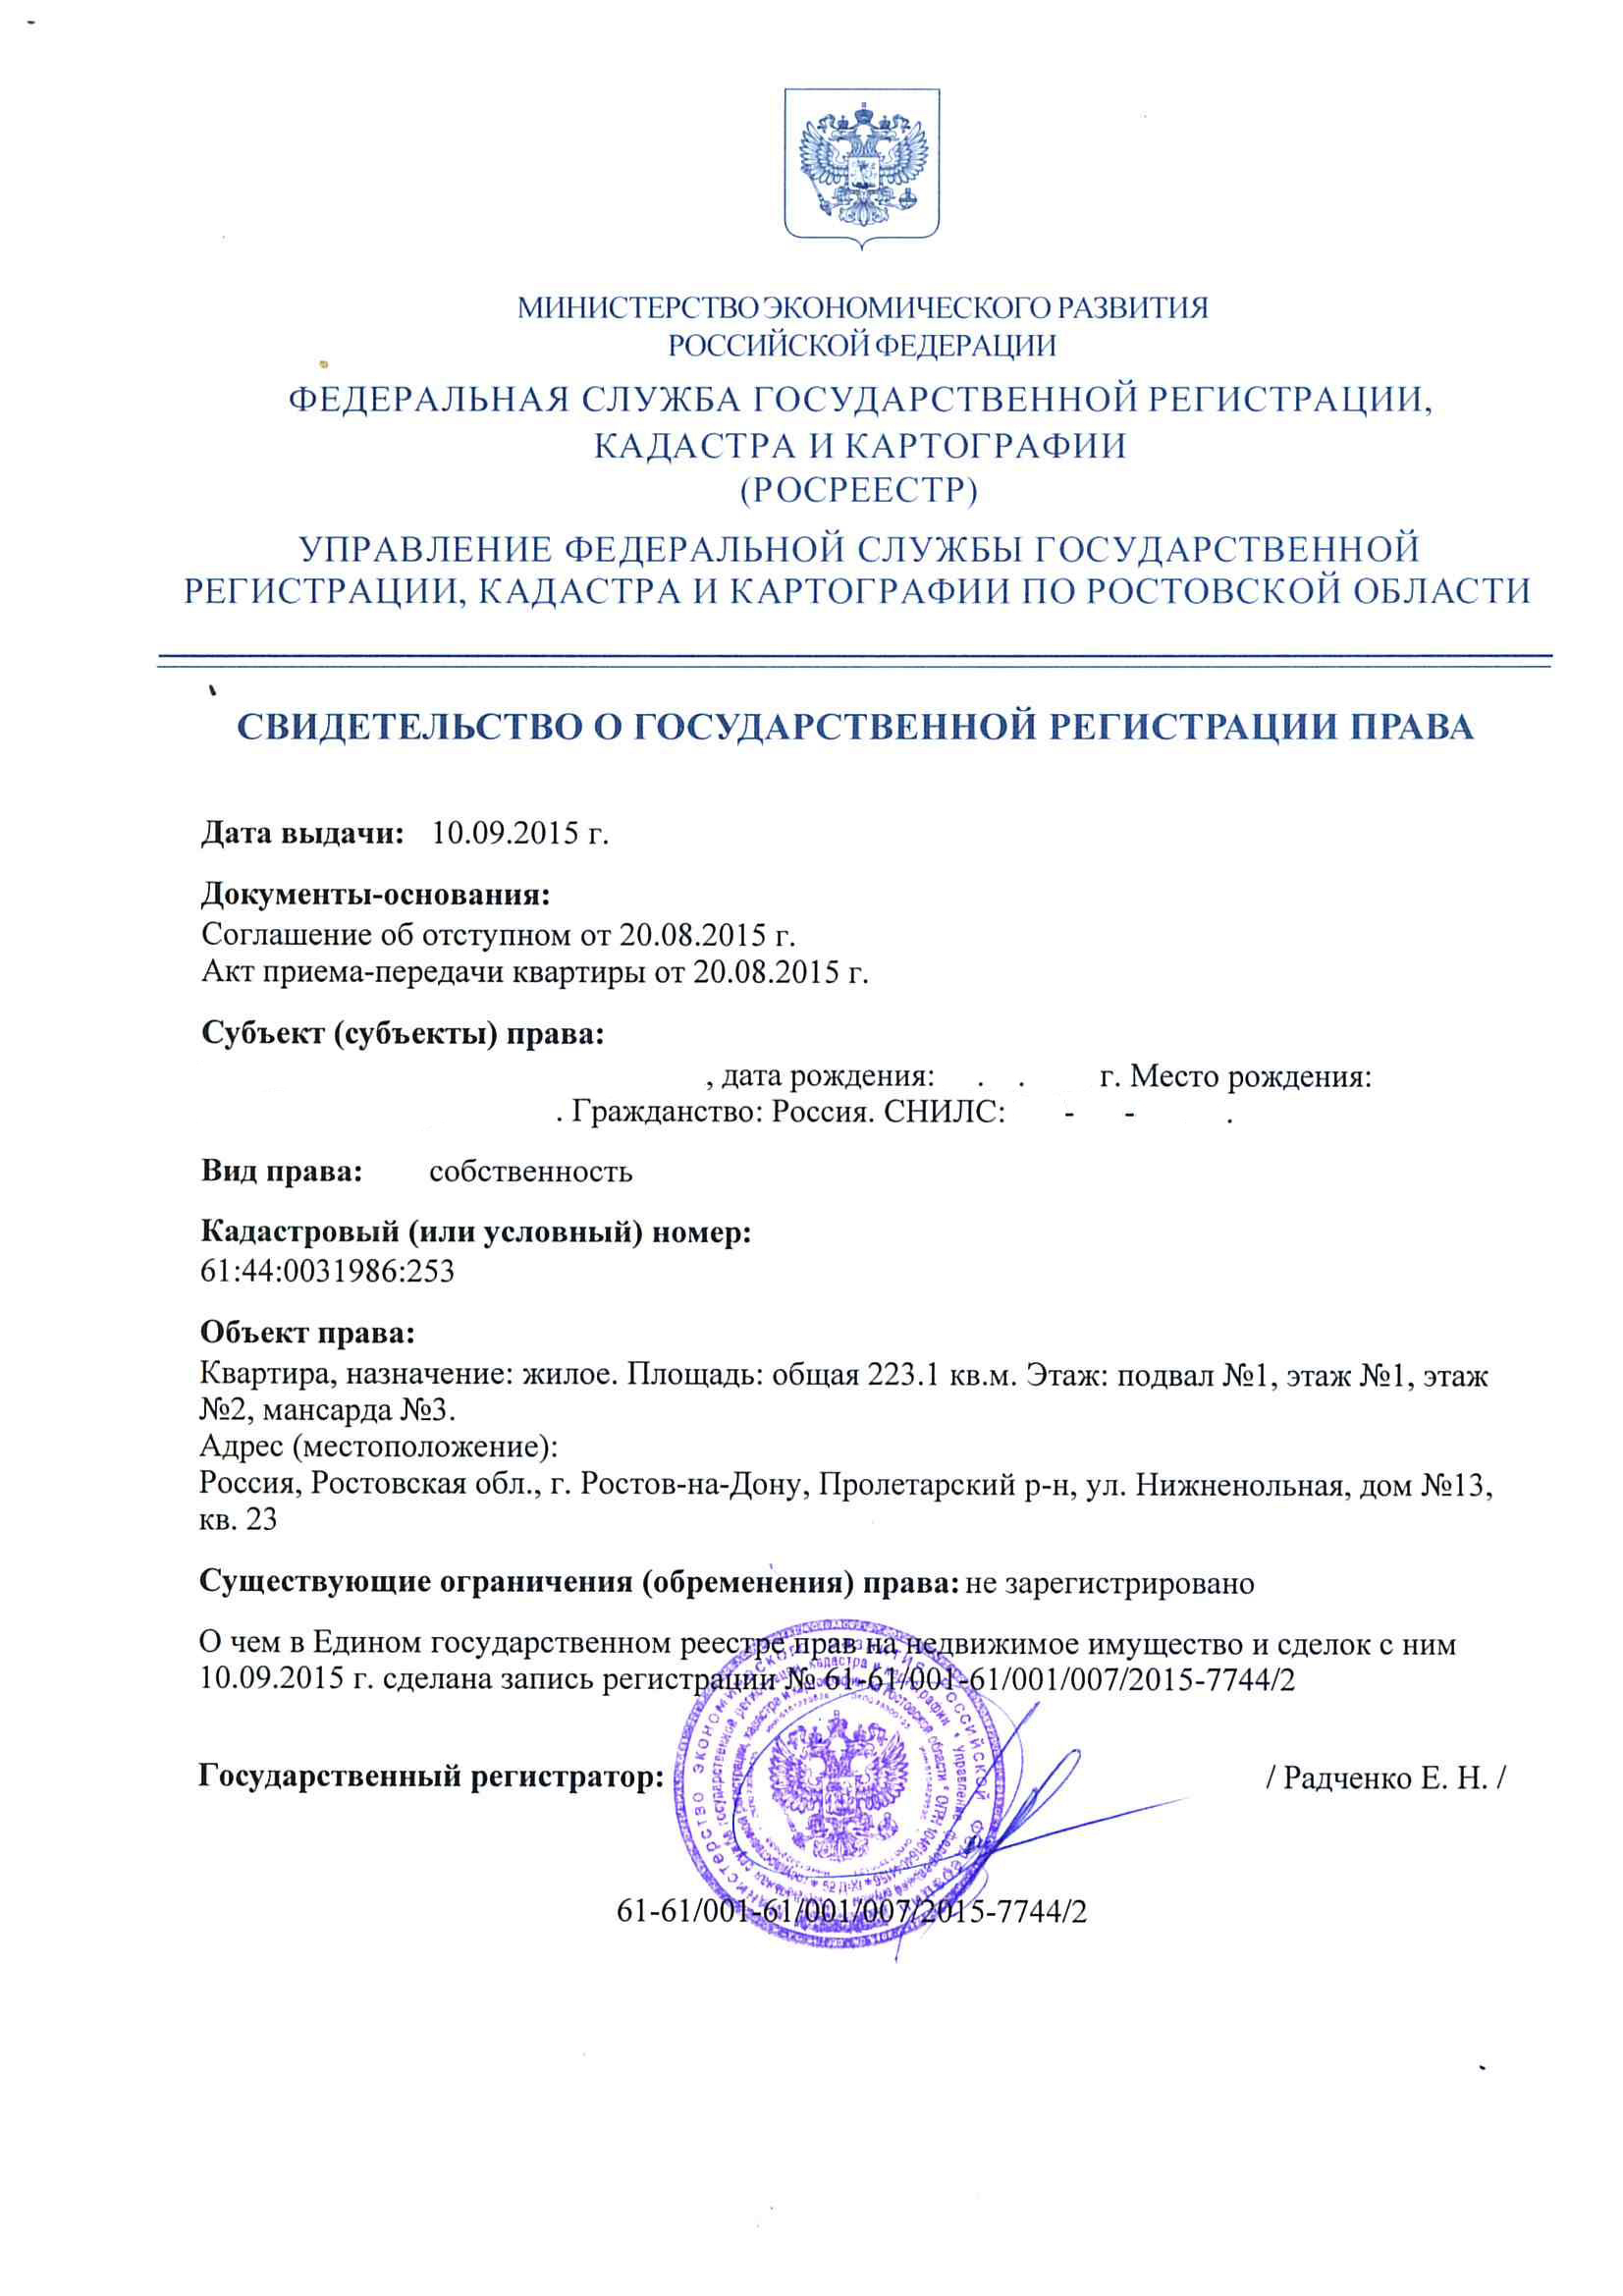 Свидетельство о гос регистрации квартира 23